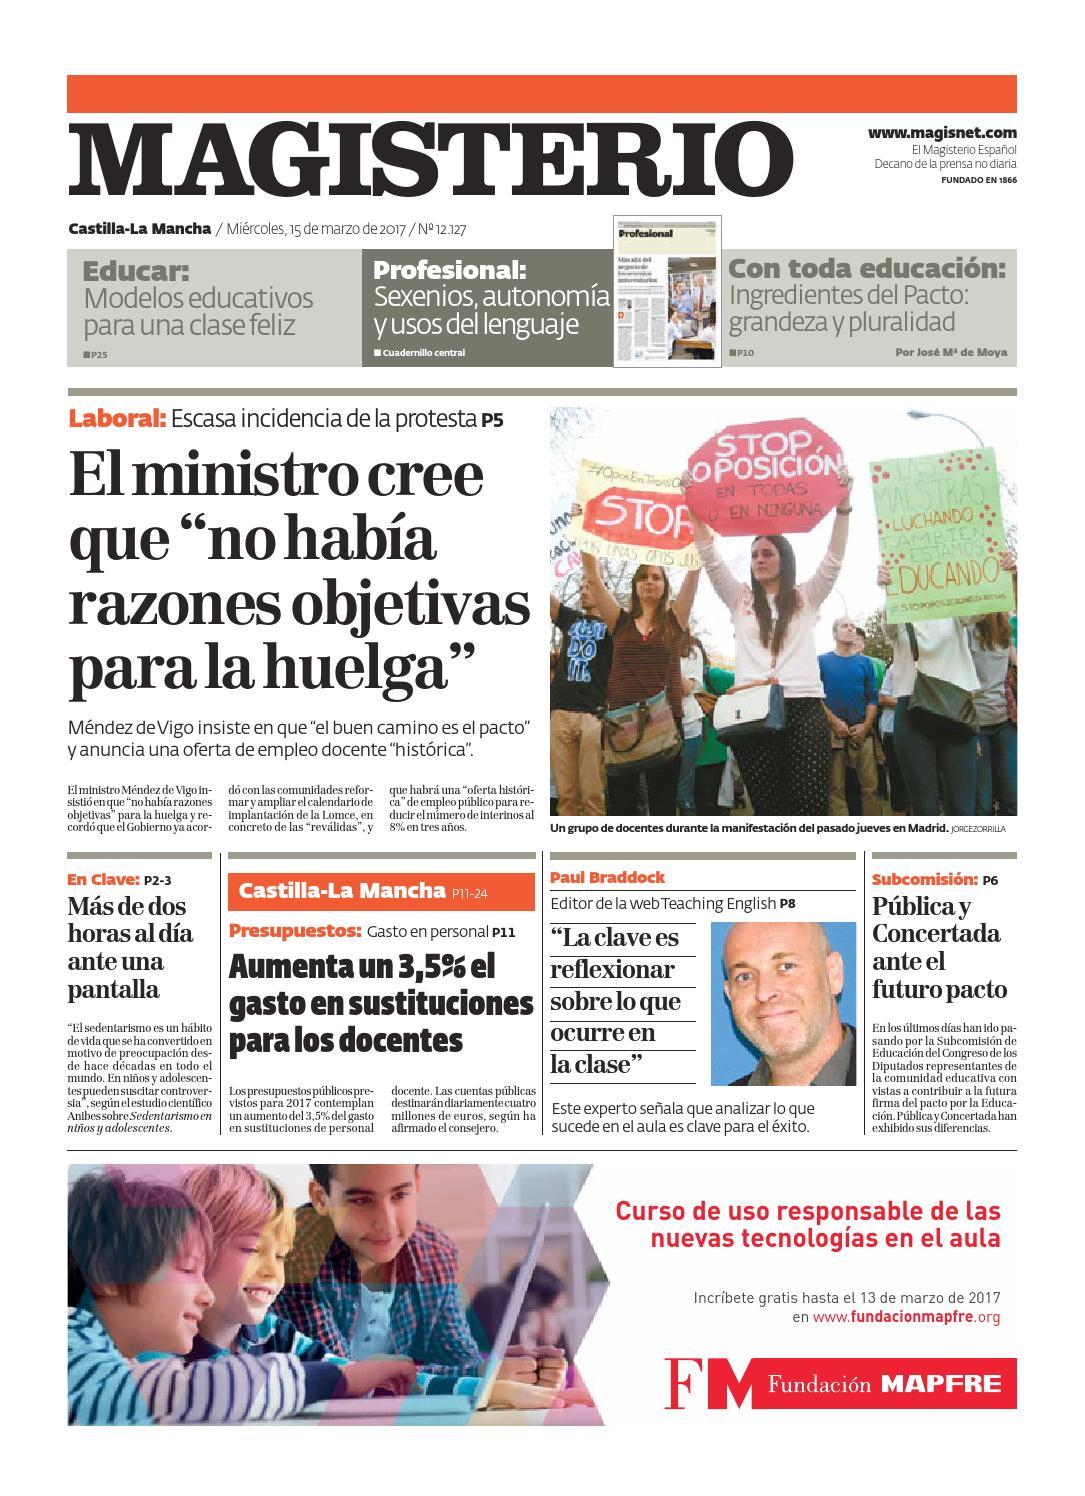 Magisterio Nº 12127 Edición Castilla-La Mancha by Grupo Siena - issuu